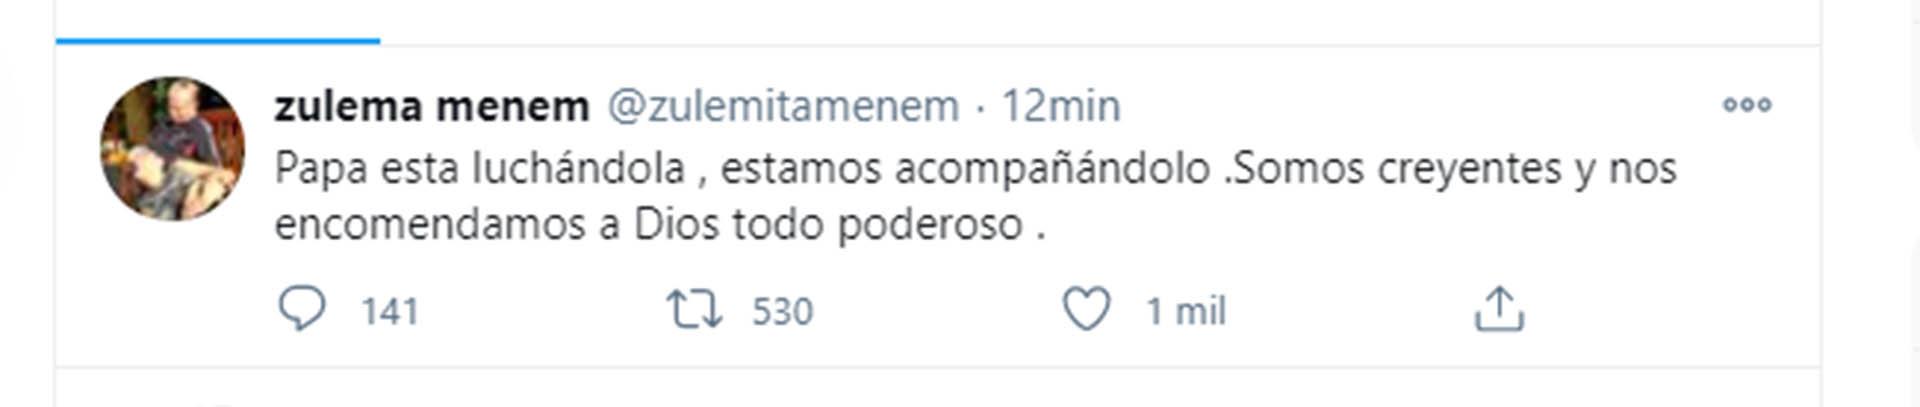 El tuit de Zulemita Menem acerca del estado de salud de su padre